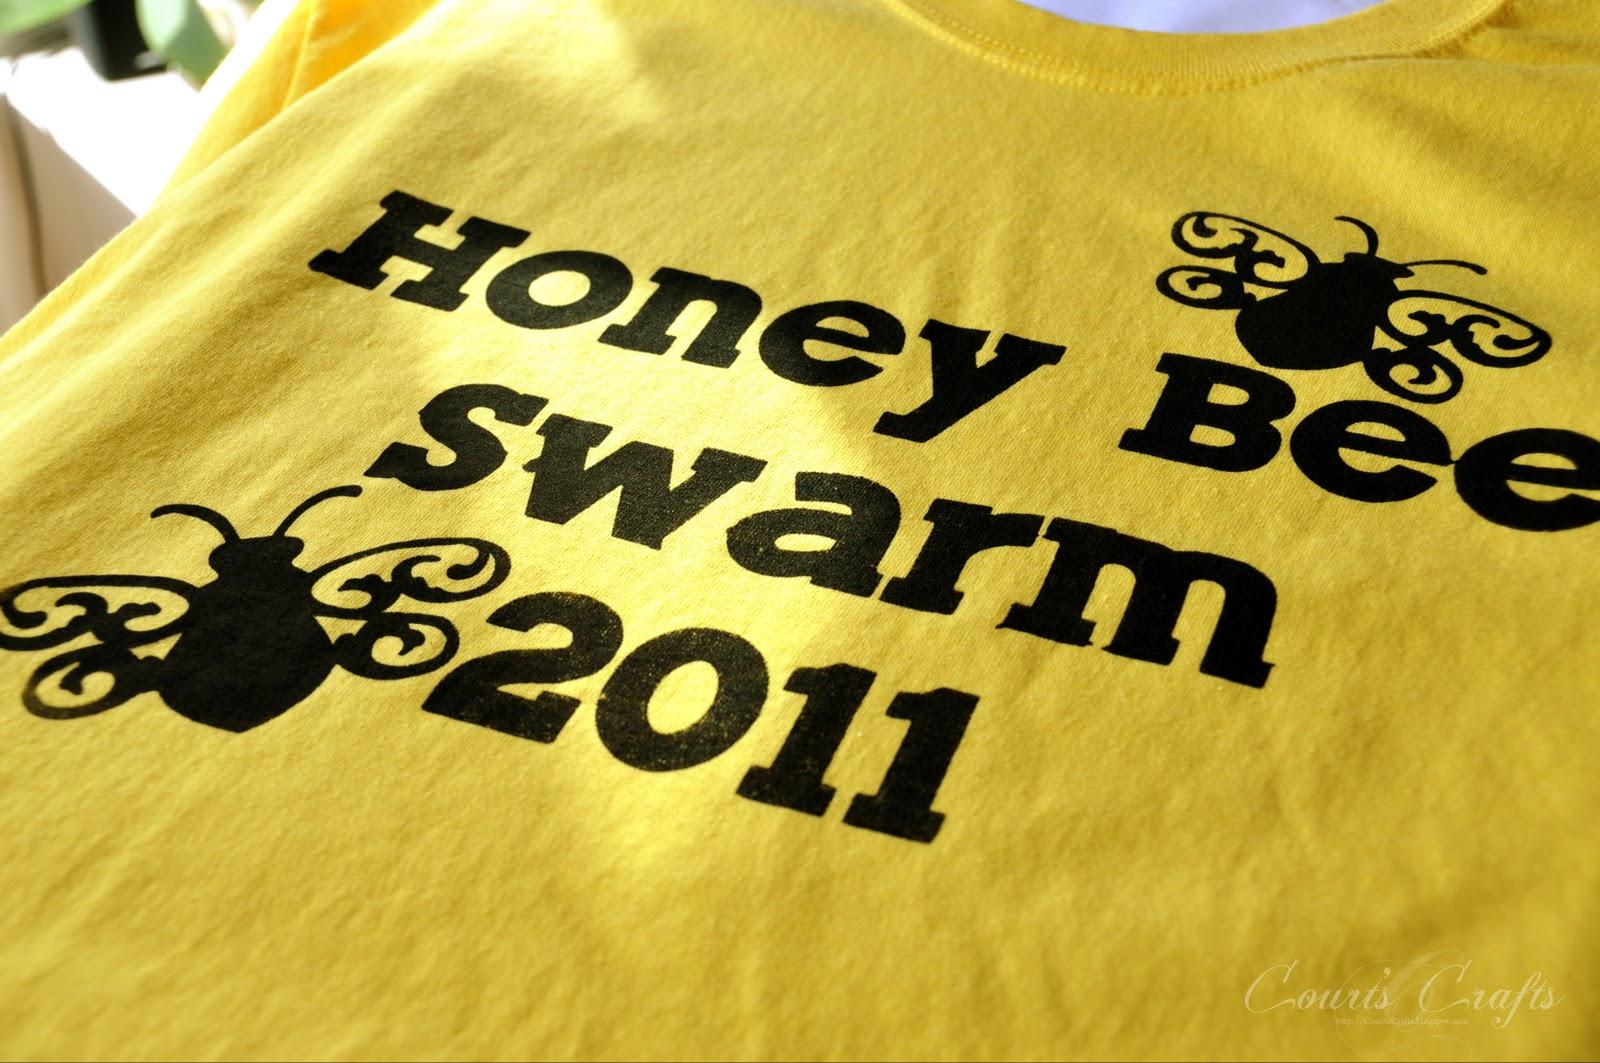 http://3.bp.blogspot.com/-sEbHNsSI4Qc/TV3udWmy1CI/AAAAAAAABCg/RhEB_FnpJ60/s1600/EADDesignsHoneyBeeSwarm3.jpg